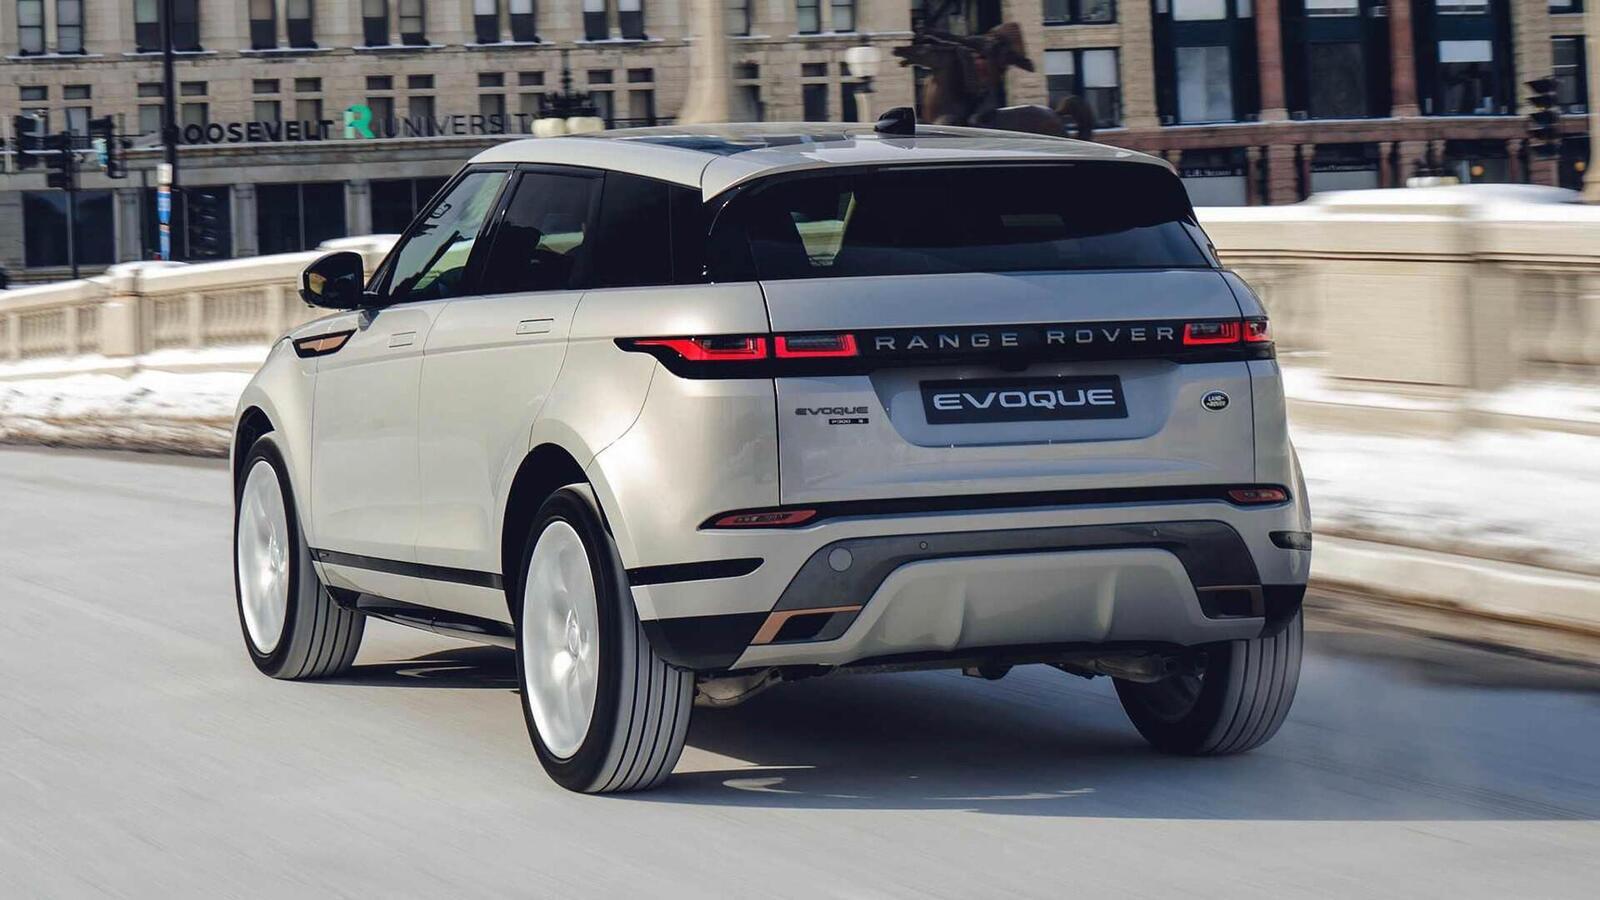 Range Rover Evoque mới tại Mỹ có giá từ 43.645 USD, đắt hơn Audi Q5 và Mercedes GLC - Hình 17